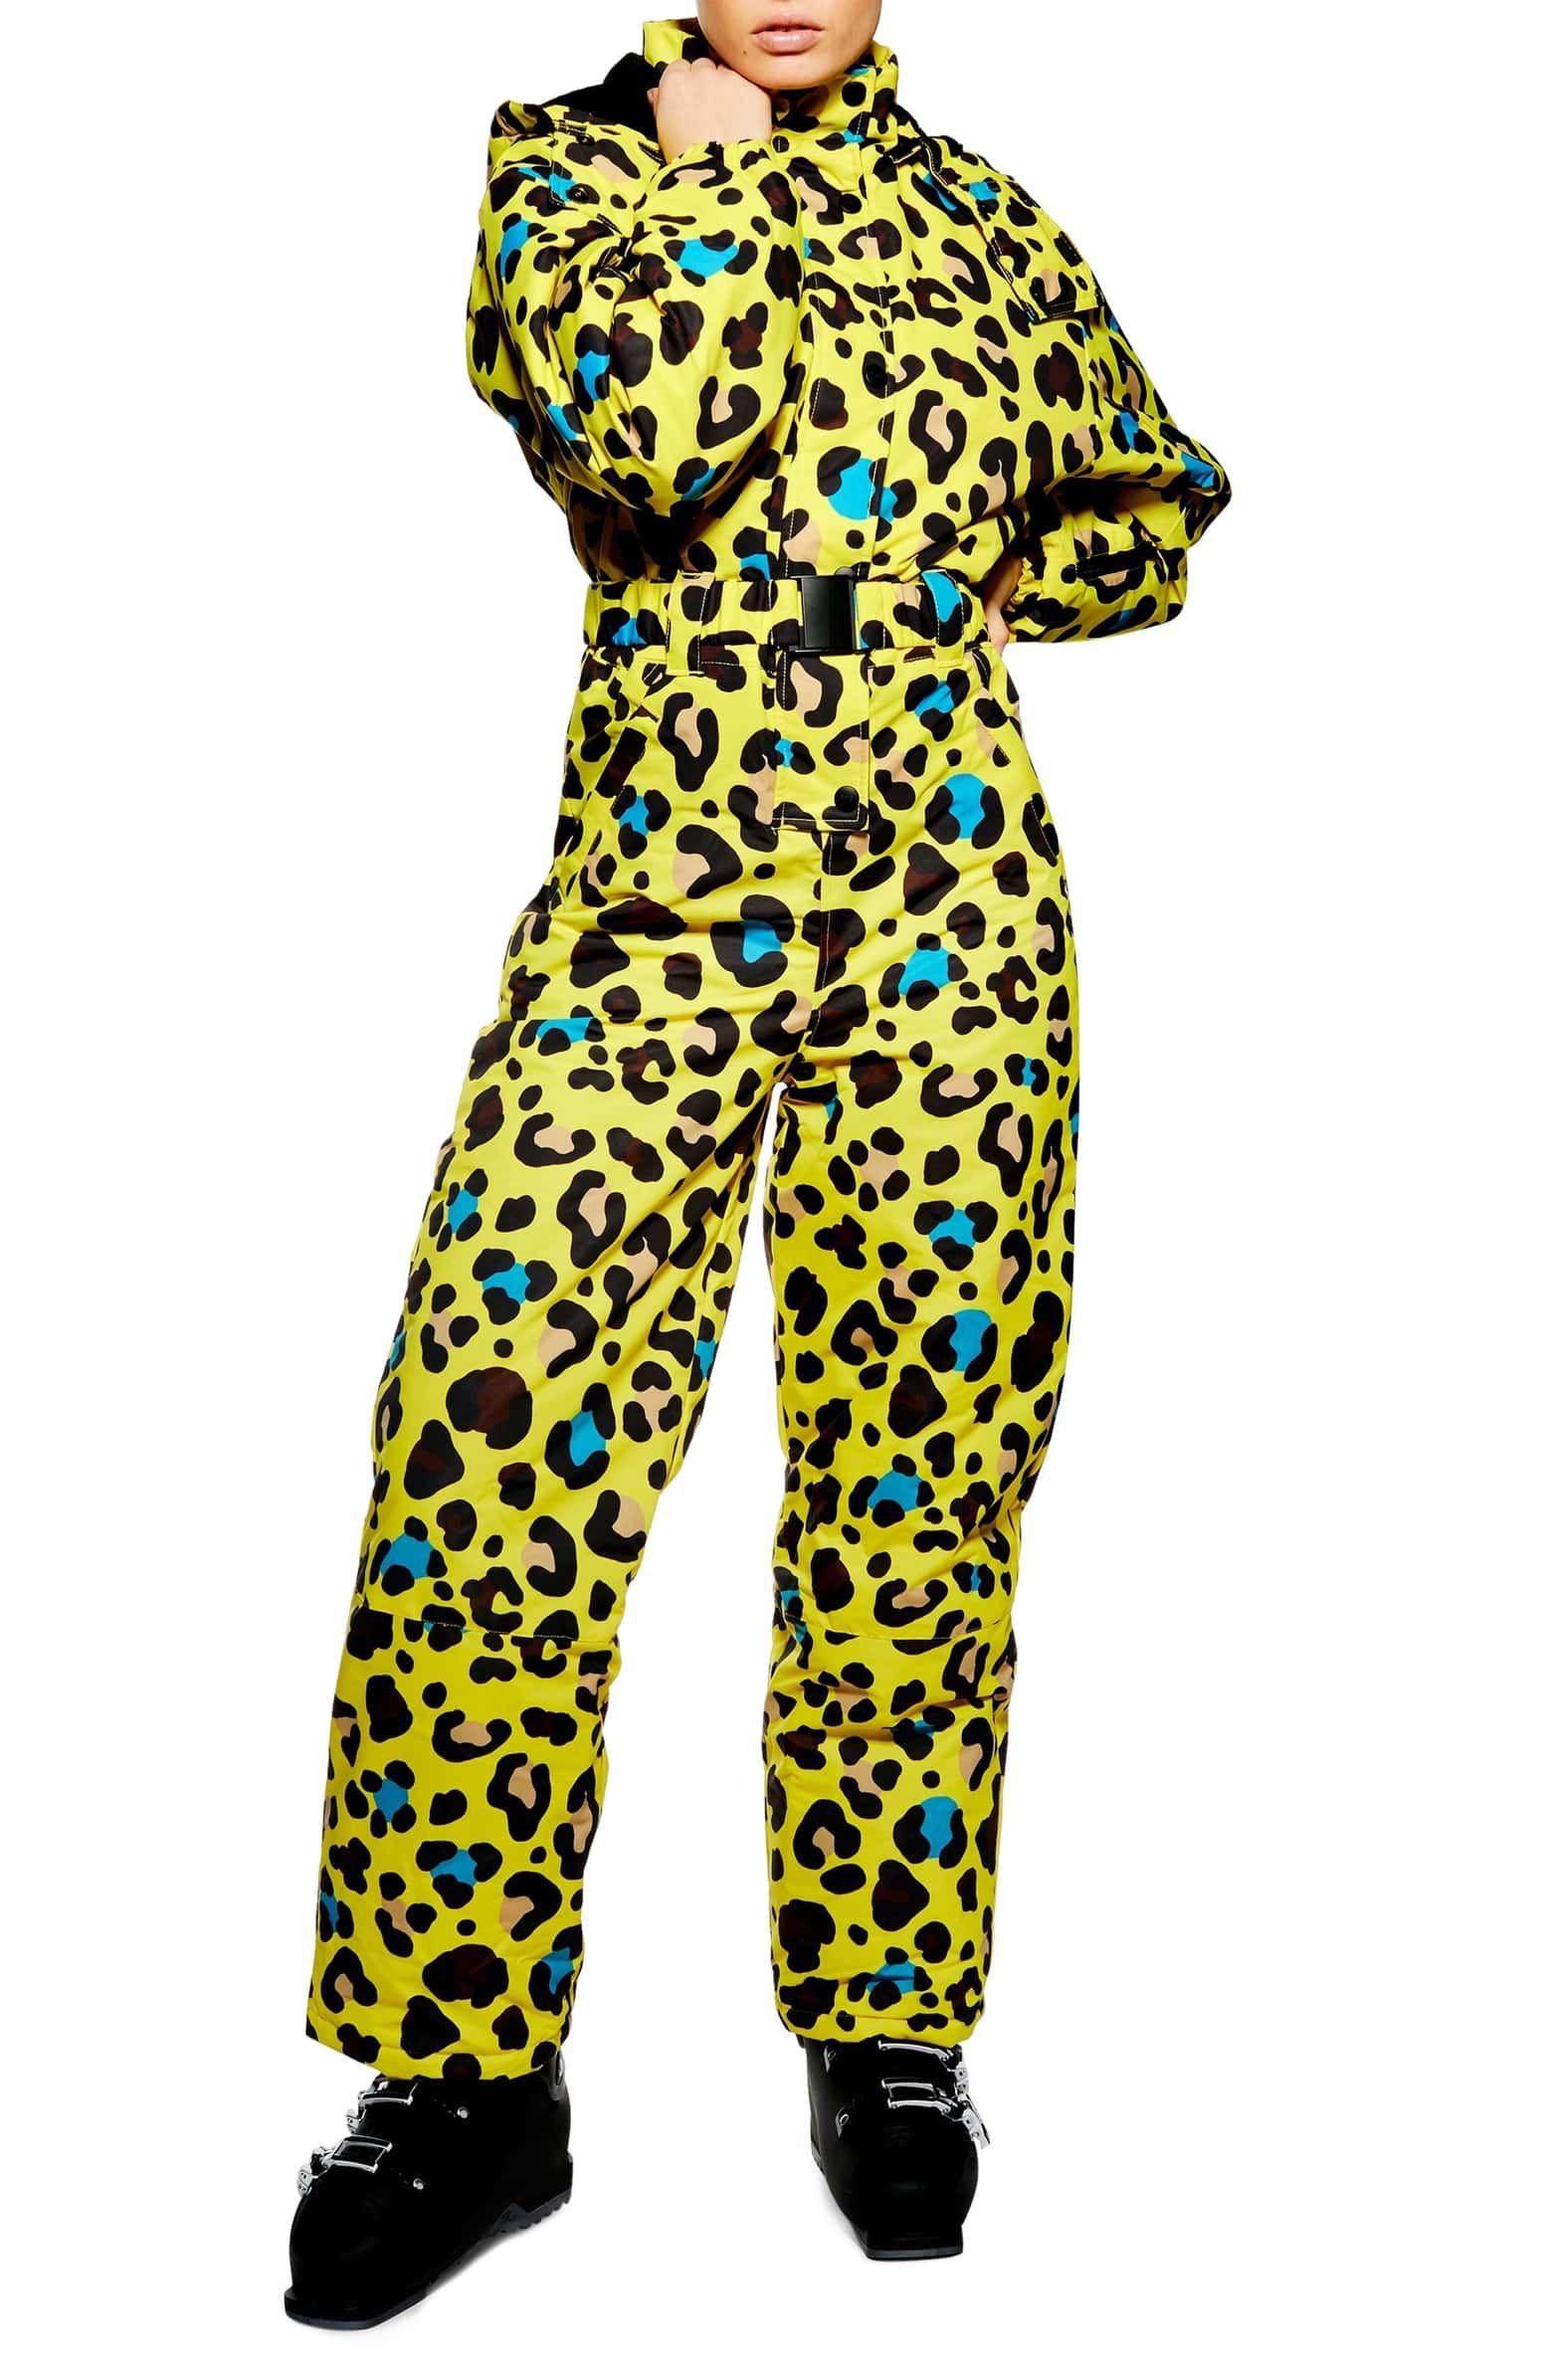 6e66d34d6a51 Sno Gwen Waterproof Leopard Jumpsuit